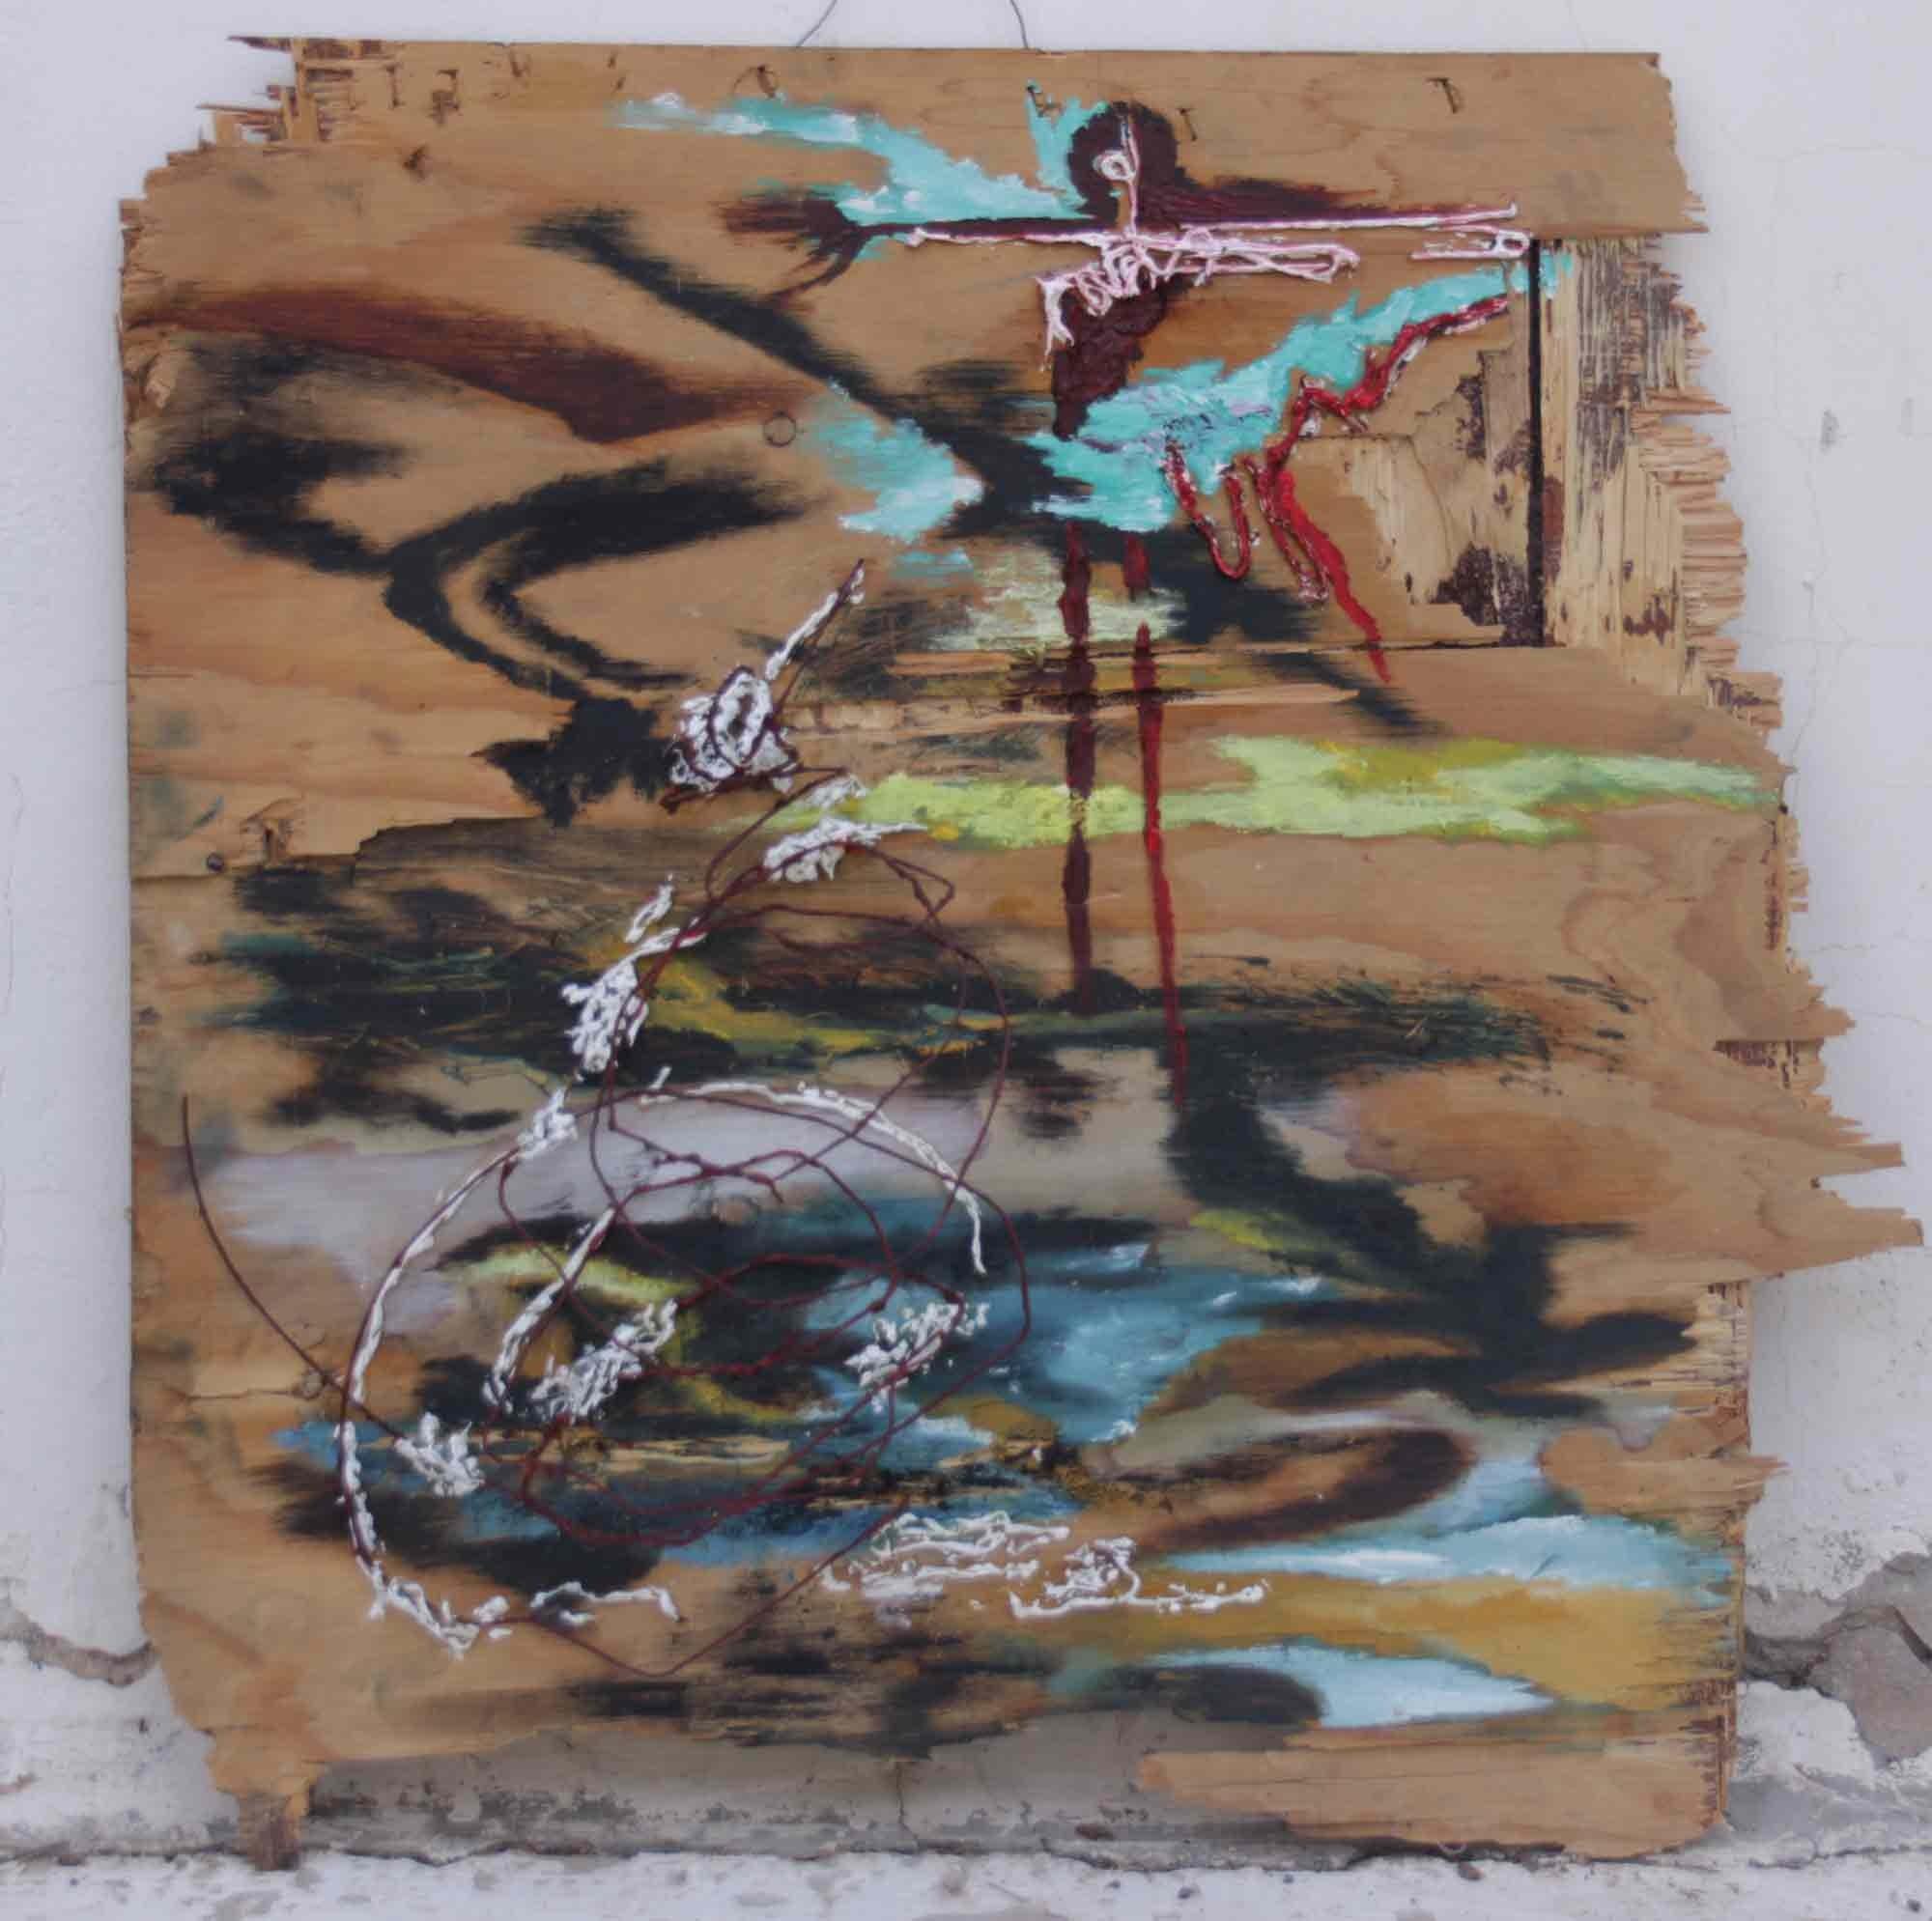 קורסי ציור למבוגרים ברחובות